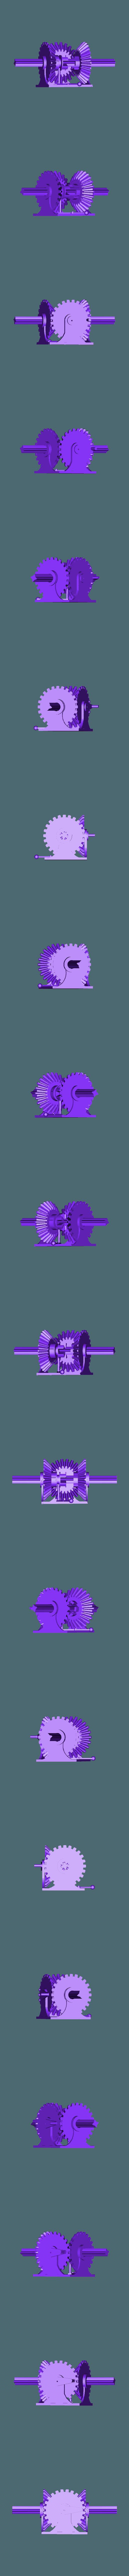 beval_gear_transmission_v8.stl Télécharger fichier STL gratuit Transmission à engrenages coniques • Modèle à imprimer en 3D, matthewdwulff